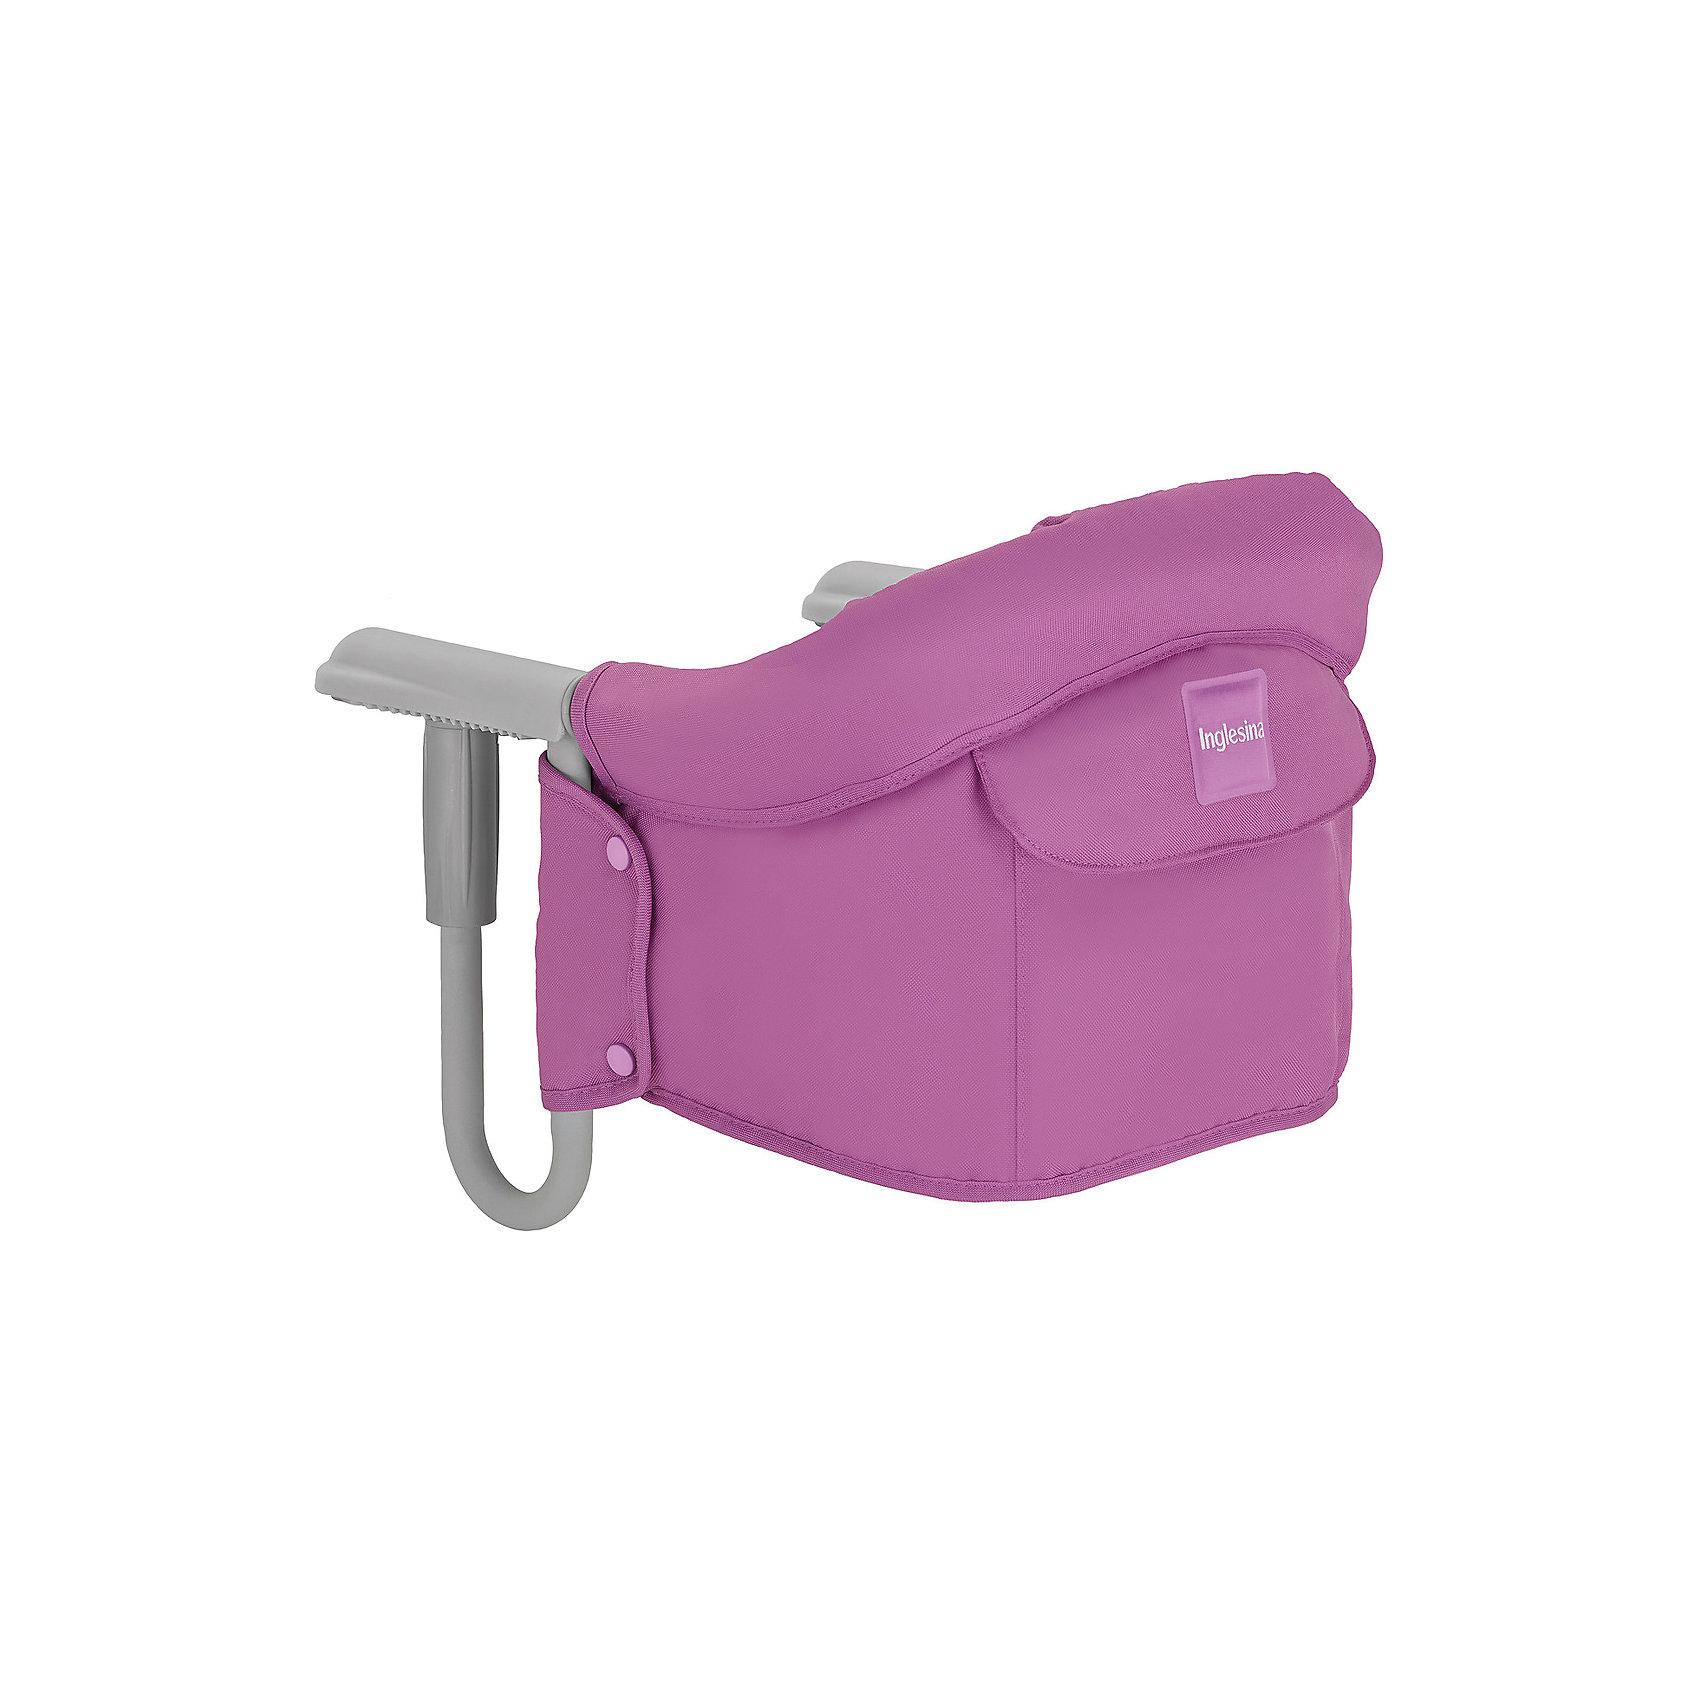 Подвесной стульчик для кормления FAST, Inglesina, фуксияот +6 месяцев<br>Характеристики:<br><br>• Вид детской мебели: стульчик подвесной<br>• Пол: для девочки<br>• Материал: металл, текстиль<br>• Съемная конструкция<br>• Надежные крепления <br>• Наличие 3-х точечных ремней безопасности<br>• Наличие кармашка для мелочей<br>• Наличие сумки для переноски<br>• Максимально допустимый вес: до 15 кг<br>• Размеры стульчика в собранном виде (Д*Ш*В): 28*35*40 см<br>• Размеры упаковки (Д*Ш*В): 38*40*43,5 см<br>• Вес в упаковке: 3 кг <br>• Текстильный чехол сидения можно стирать <br><br>Внимание! Основным является первое фото, последующие фотографии размещены с целью показать функционал данной модели.<br><br><br>Подвесной стульчик для кормления FAST, Inglesina, фуксия – стульчик, предназначенный для детей, которые умеют сидеть. Стульчик имеет подвесную конструкцию, которая надежно крепится к столу. Каркас выполнен из прочного металла, сиденье – из текстиля, который можно стирать. При небольших габаритах и легком весе стульчик выдерживает вес ребенка до 15 кг. Подвесной стульчик для кормления FAST, Inglesina, фуксия – не только идеальный вариант для малогабаритных квартир, но и для дальних поездок или для дачи.<br><br>Подвесной стульчик для кормления FAST, Inglesina, фуксия можно купить в нашем интернет-магазине.<br><br>Ширина мм: 370<br>Глубина мм: 340<br>Высота мм: 110<br>Вес г: 236<br>Цвет: фуксия<br>Возраст от месяцев: 6<br>Возраст до месяцев: 36<br>Пол: Женский<br>Возраст: Детский<br>SKU: 5122072